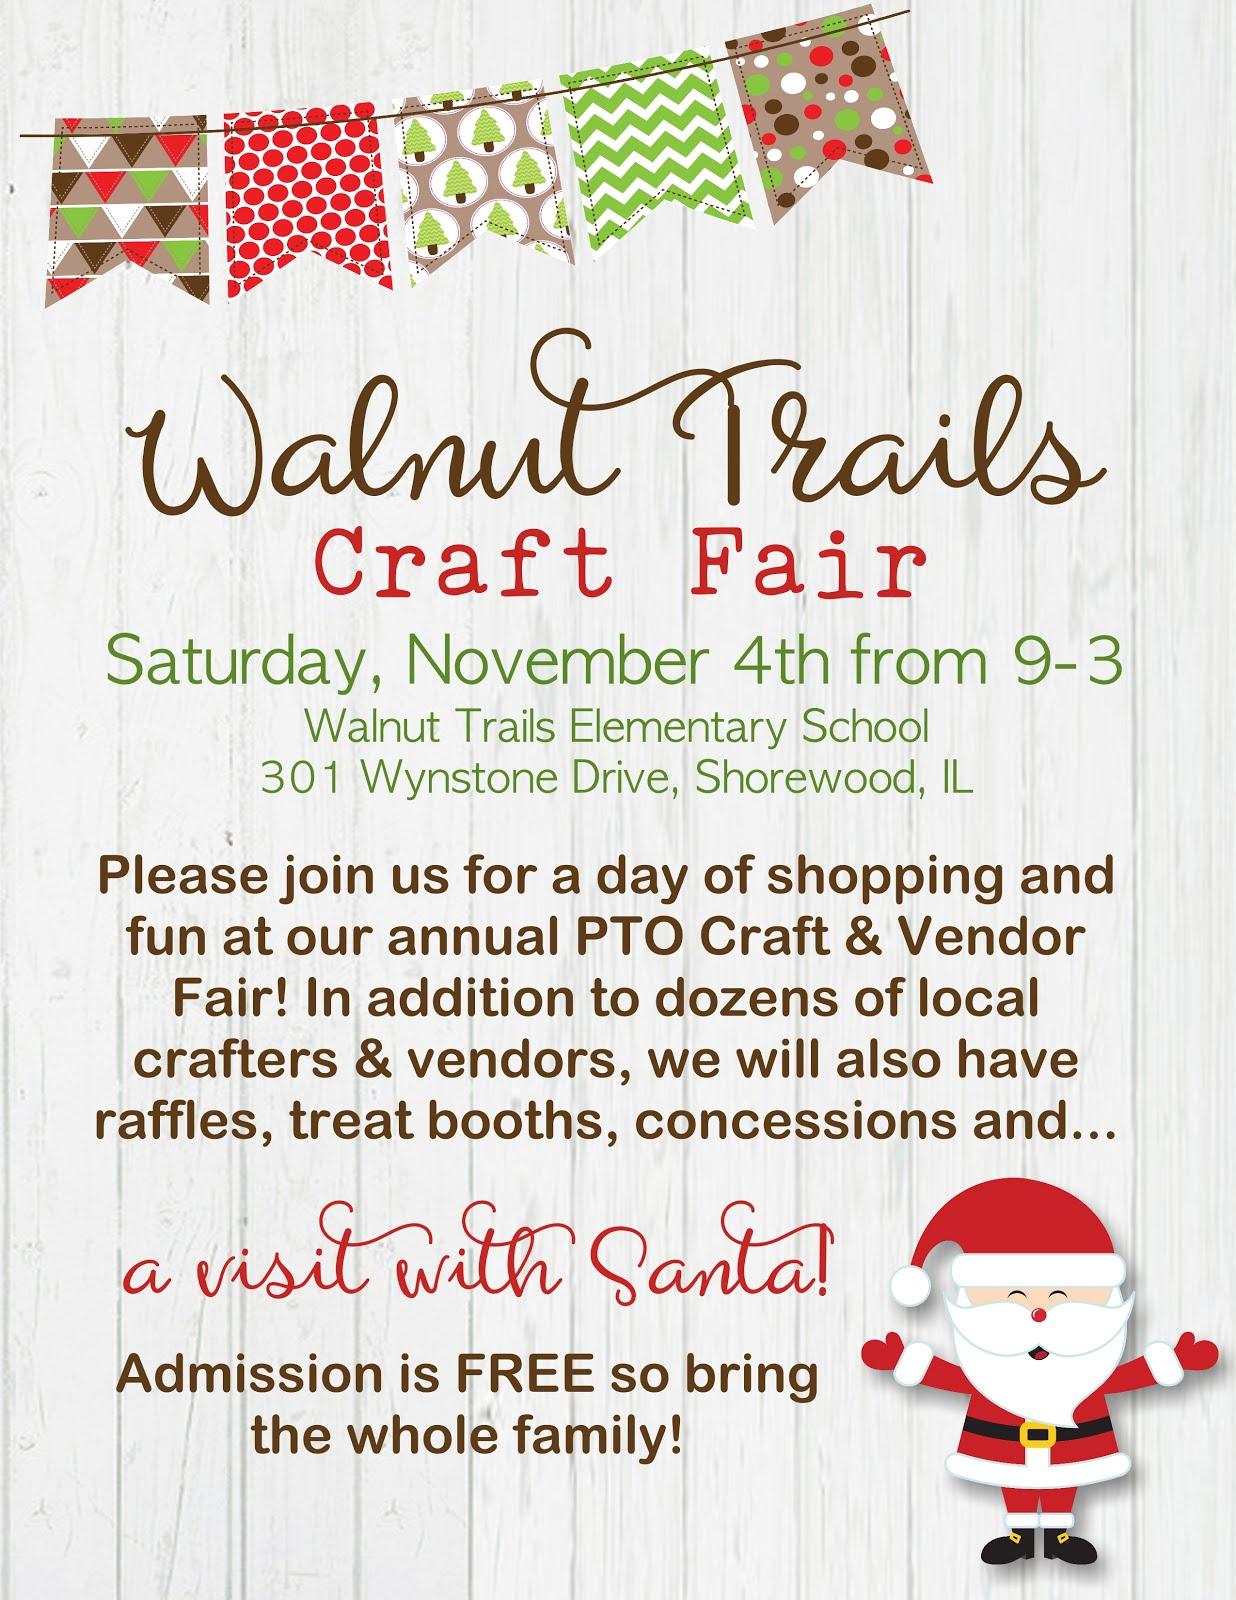 Upcoming Markets & Craft Fairs